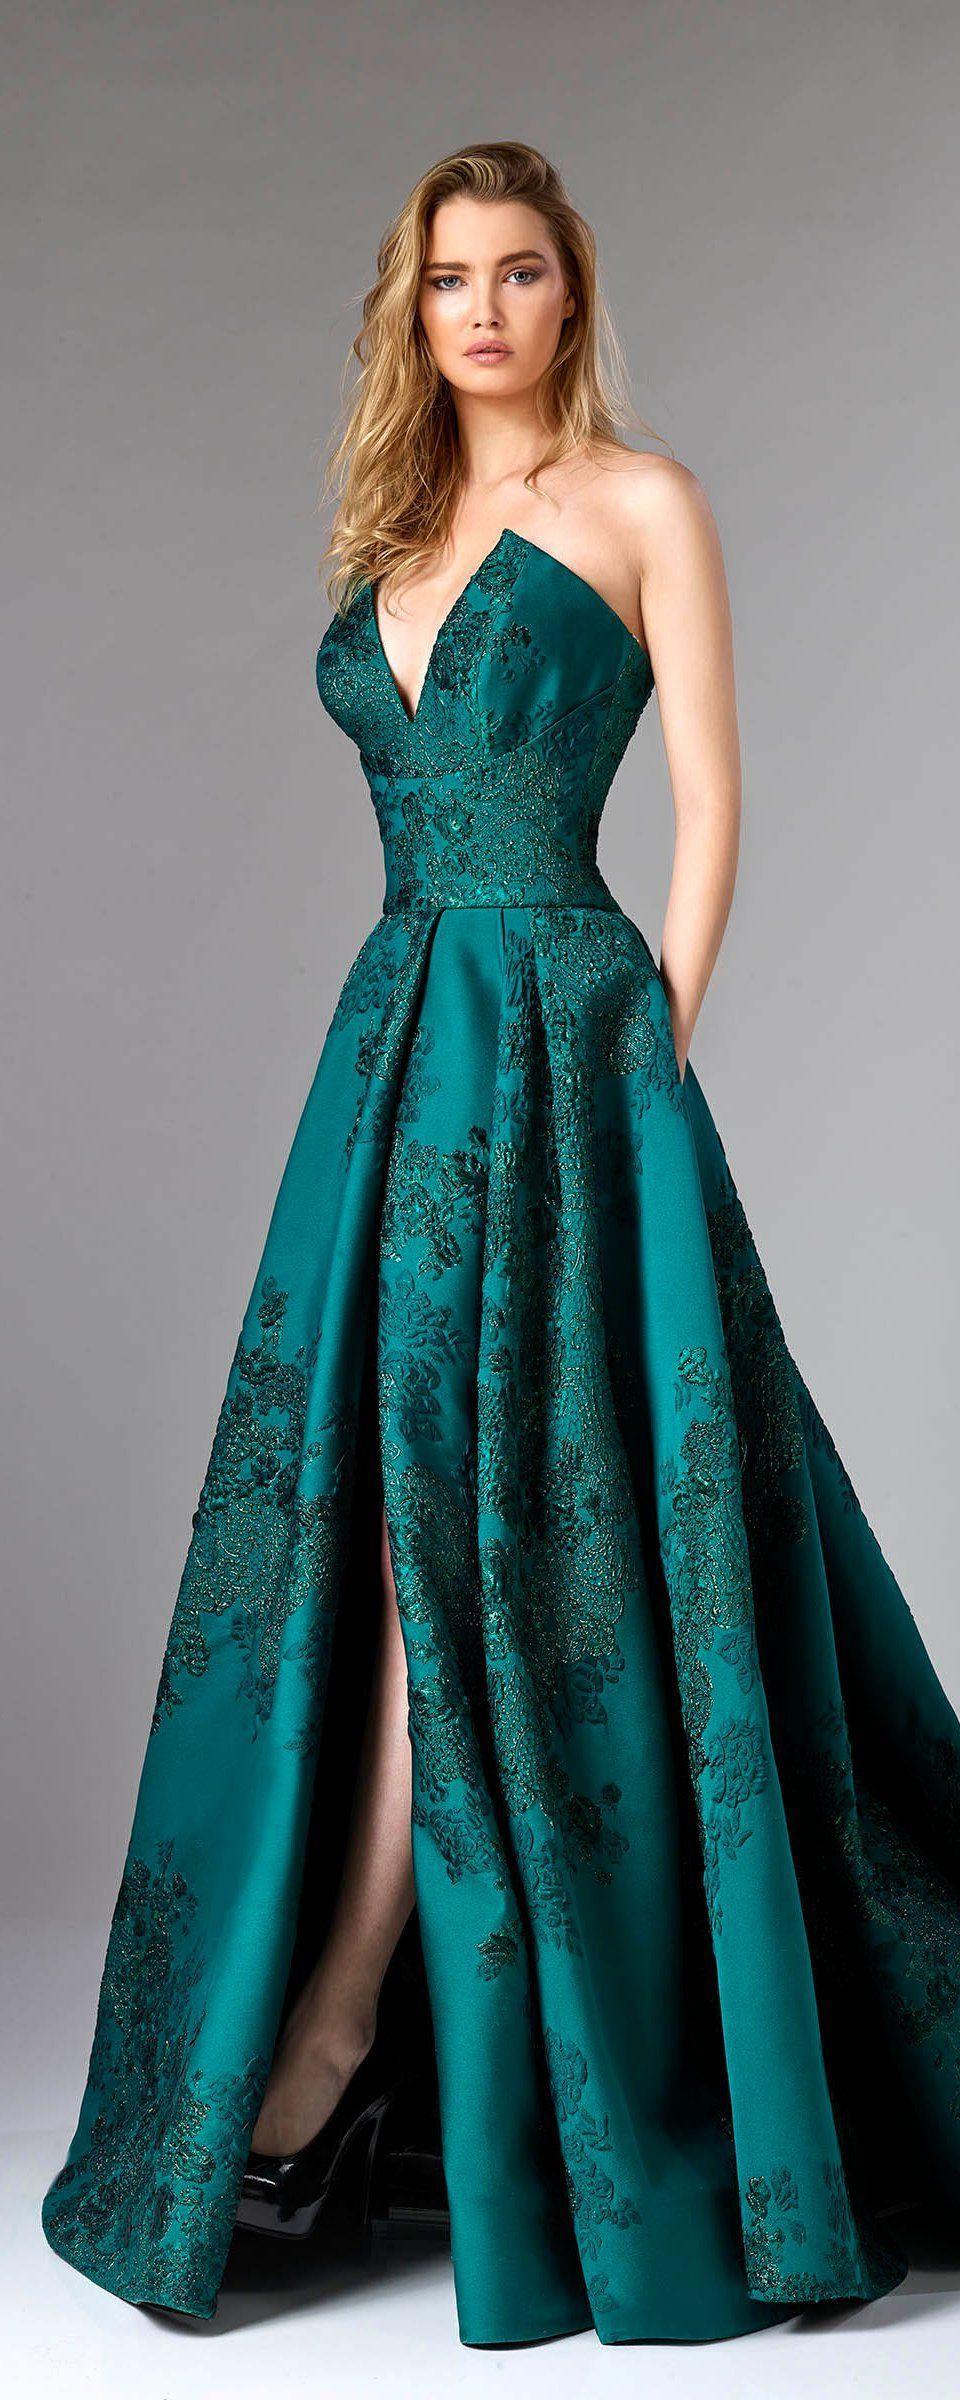 20 Fantastisch Moderne Abendkleidung VertriebAbend Erstaunlich Moderne Abendkleidung Ärmel